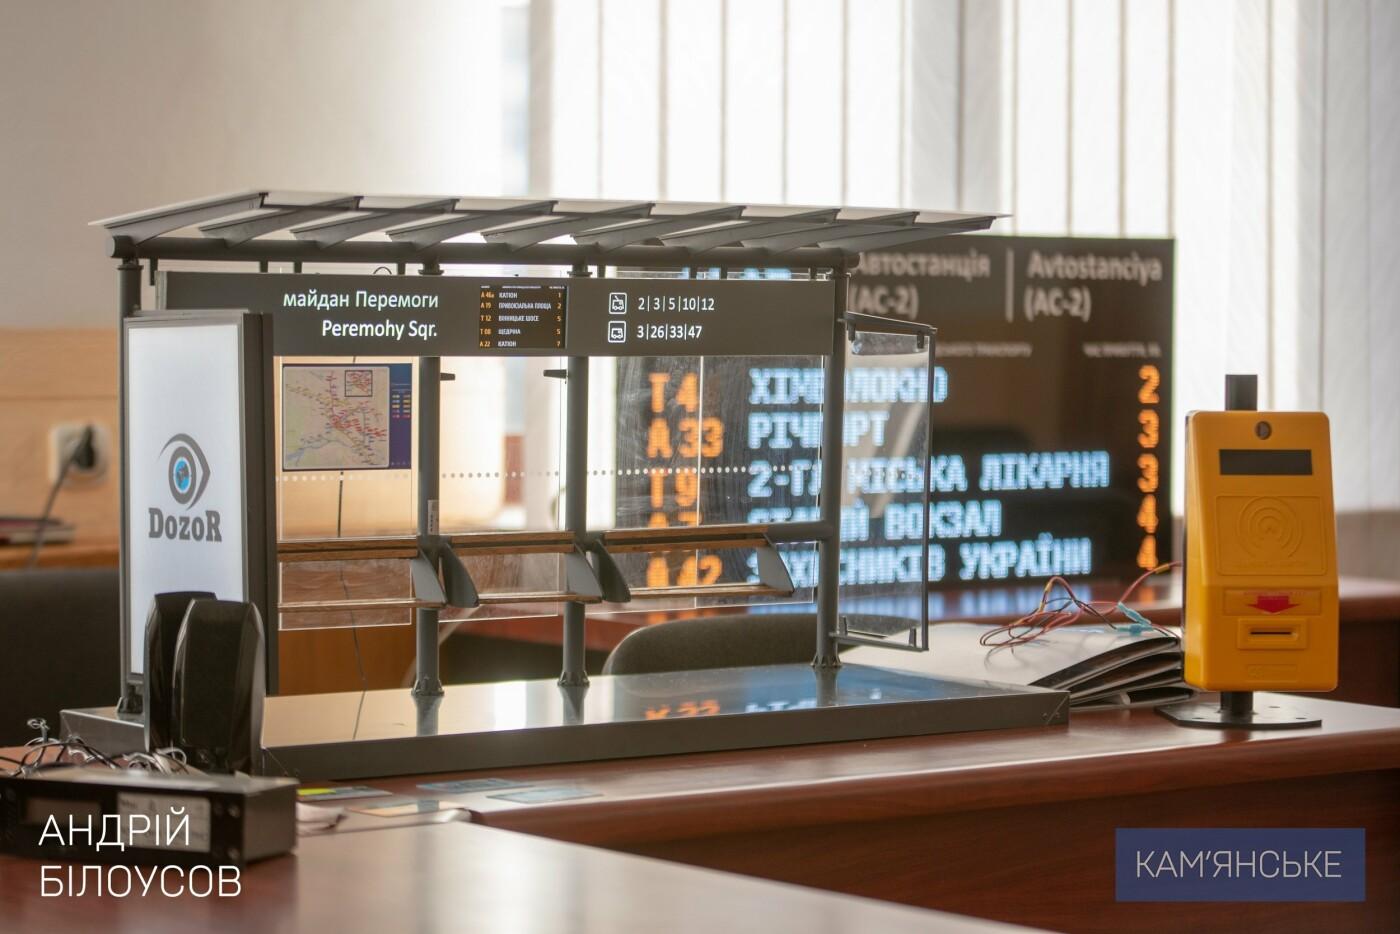 Общественный транспорт Каменского перевели на GPS-трекеры «Дозор-сити», фото-2